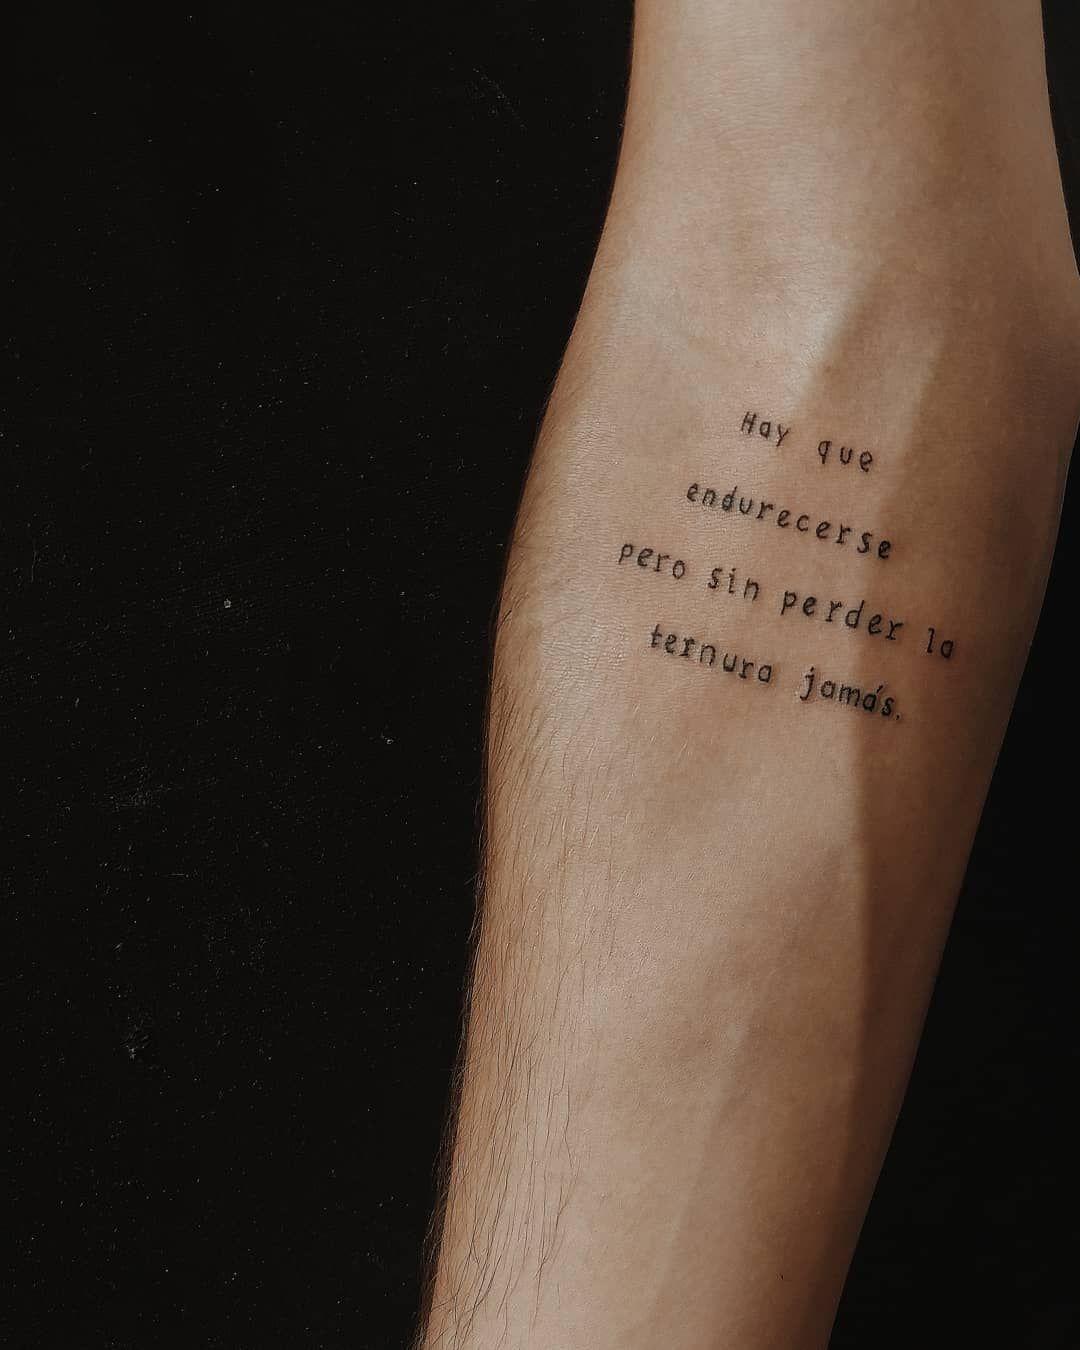 Hay Que Endurecerse Pero Sin Perder La Ternura Jamas Obrigada Thierry Lethierry Tattooapprentice Tattoo Apprentice Body Art Tattoos Tattoos